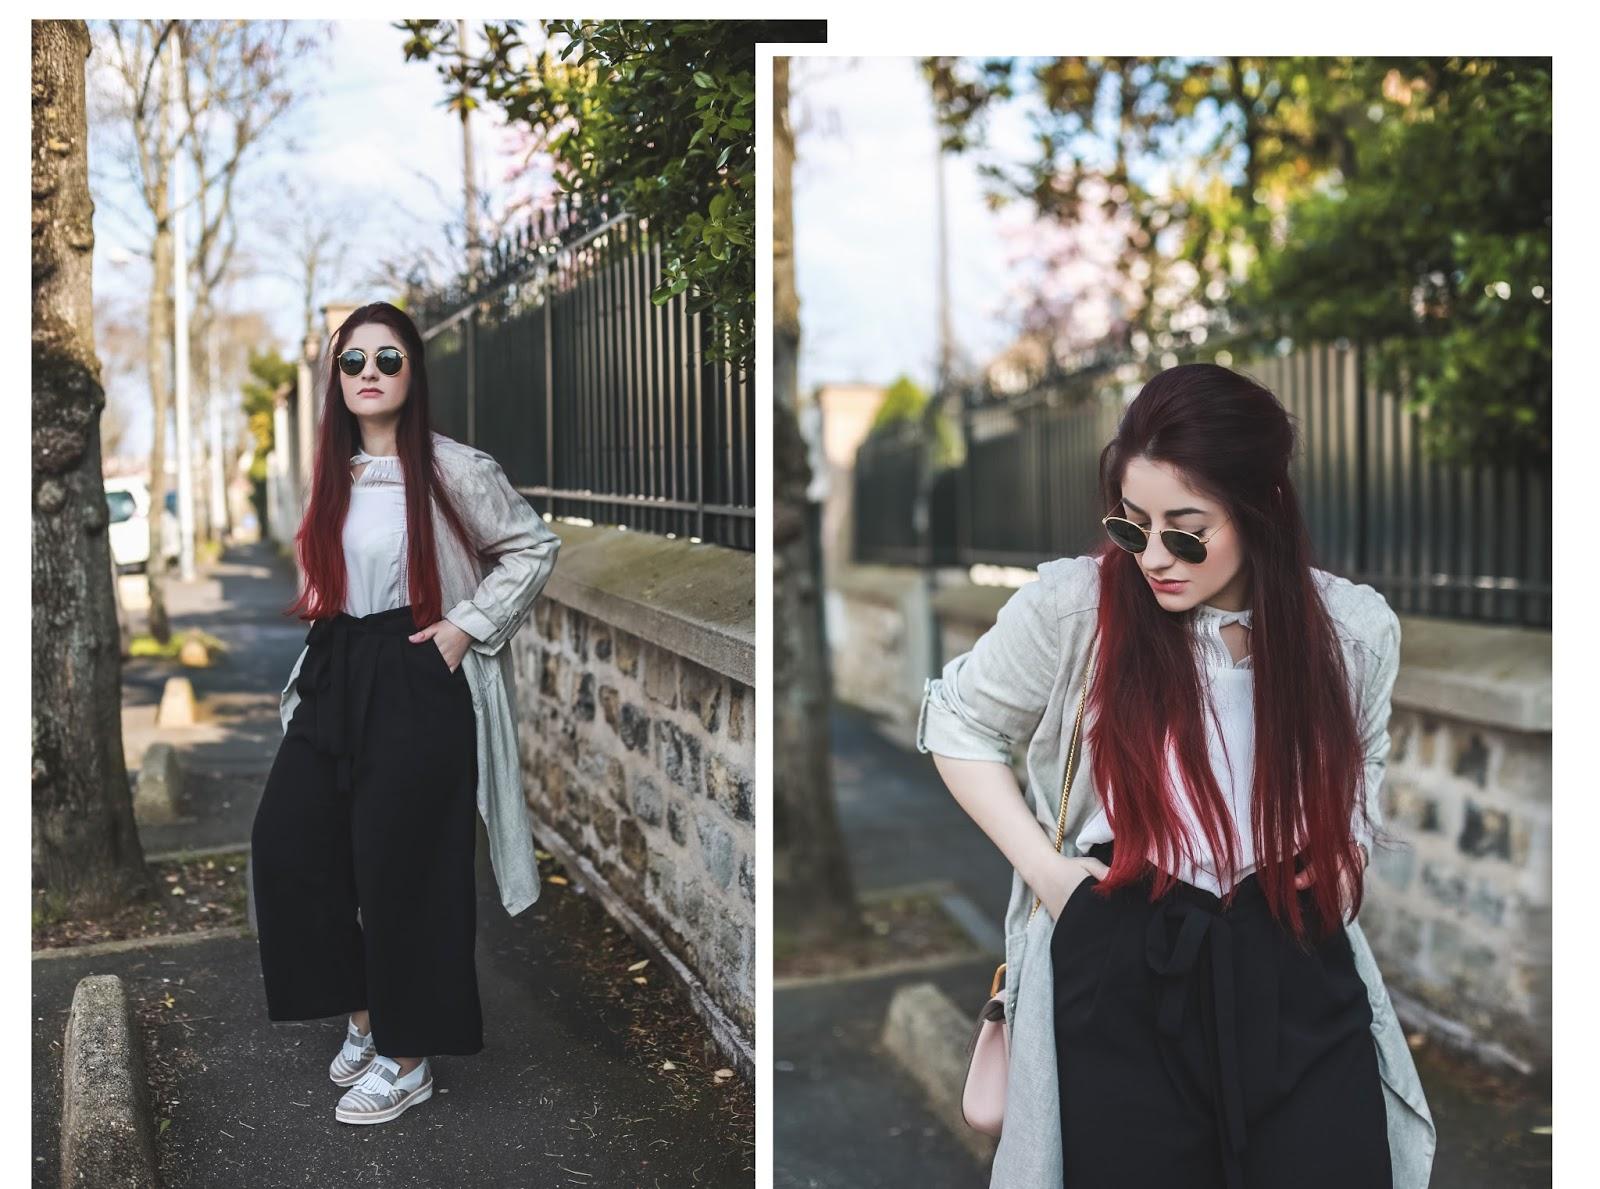 pantalon court taille haute